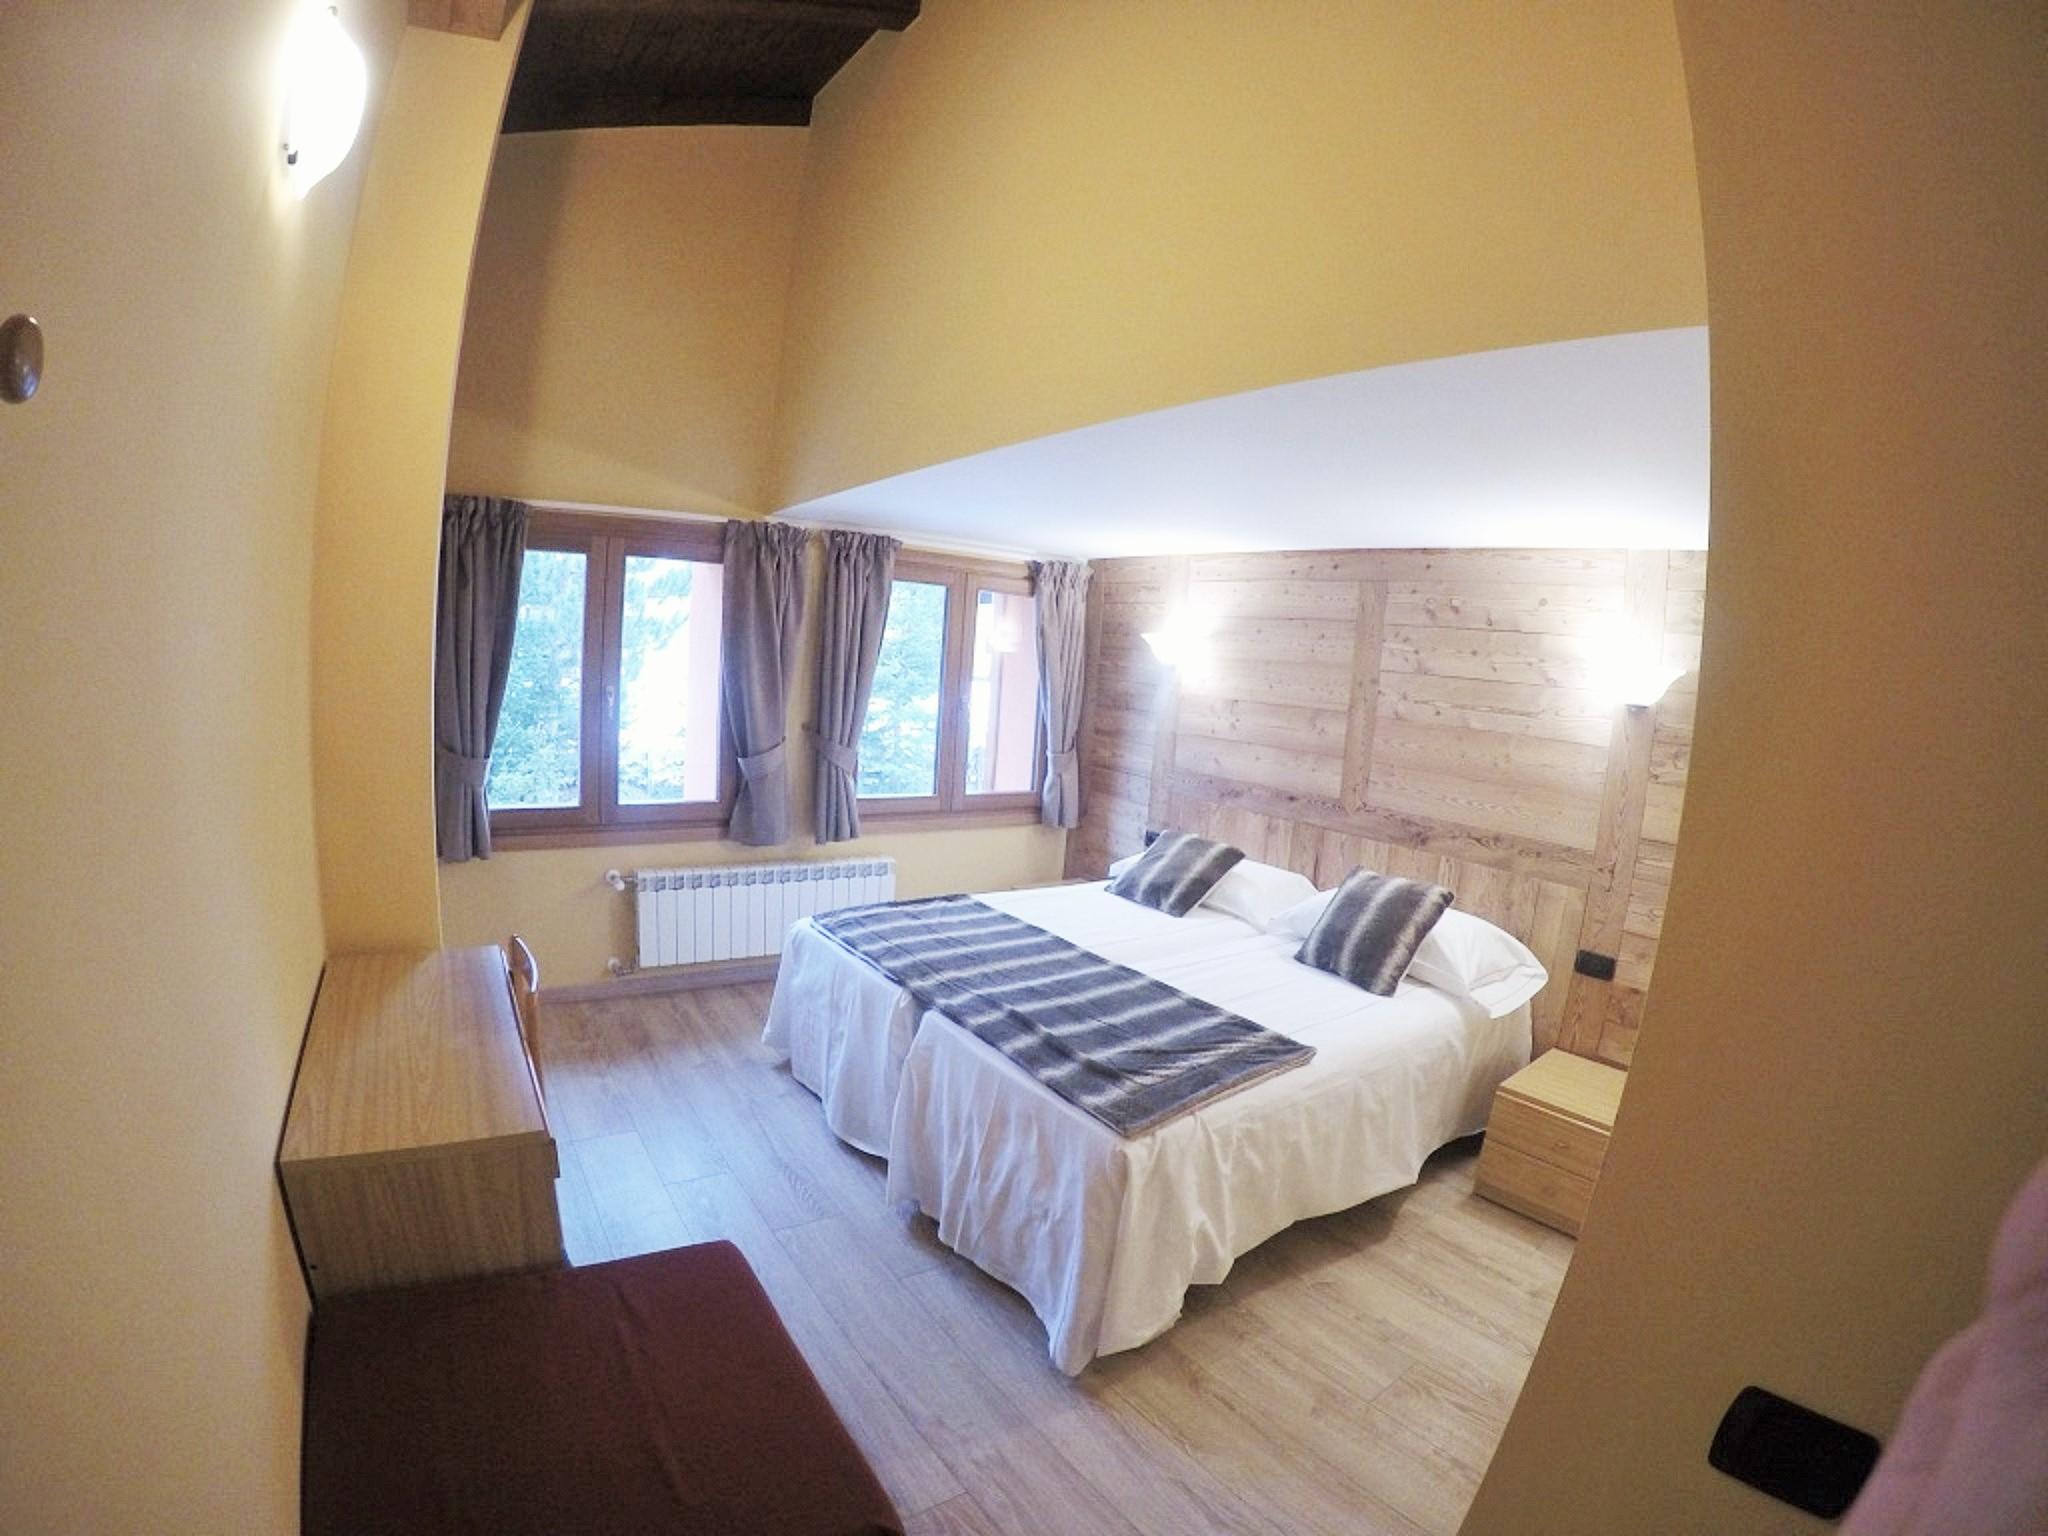 2 bed bedroom